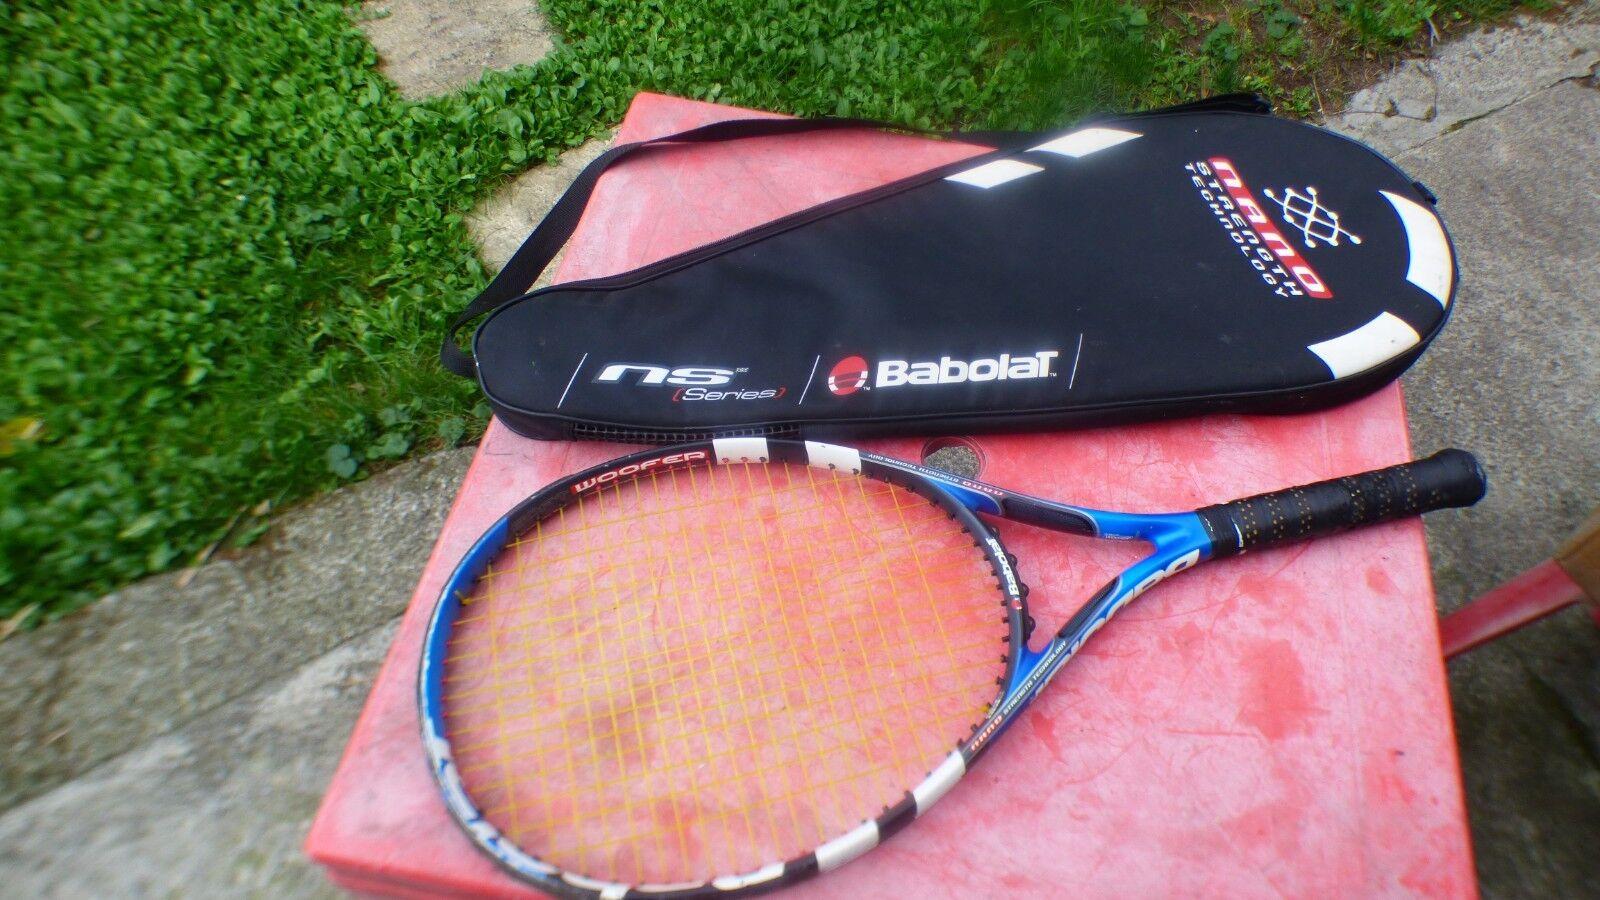 Raquette de tennis Babolat NS Drive avec housse